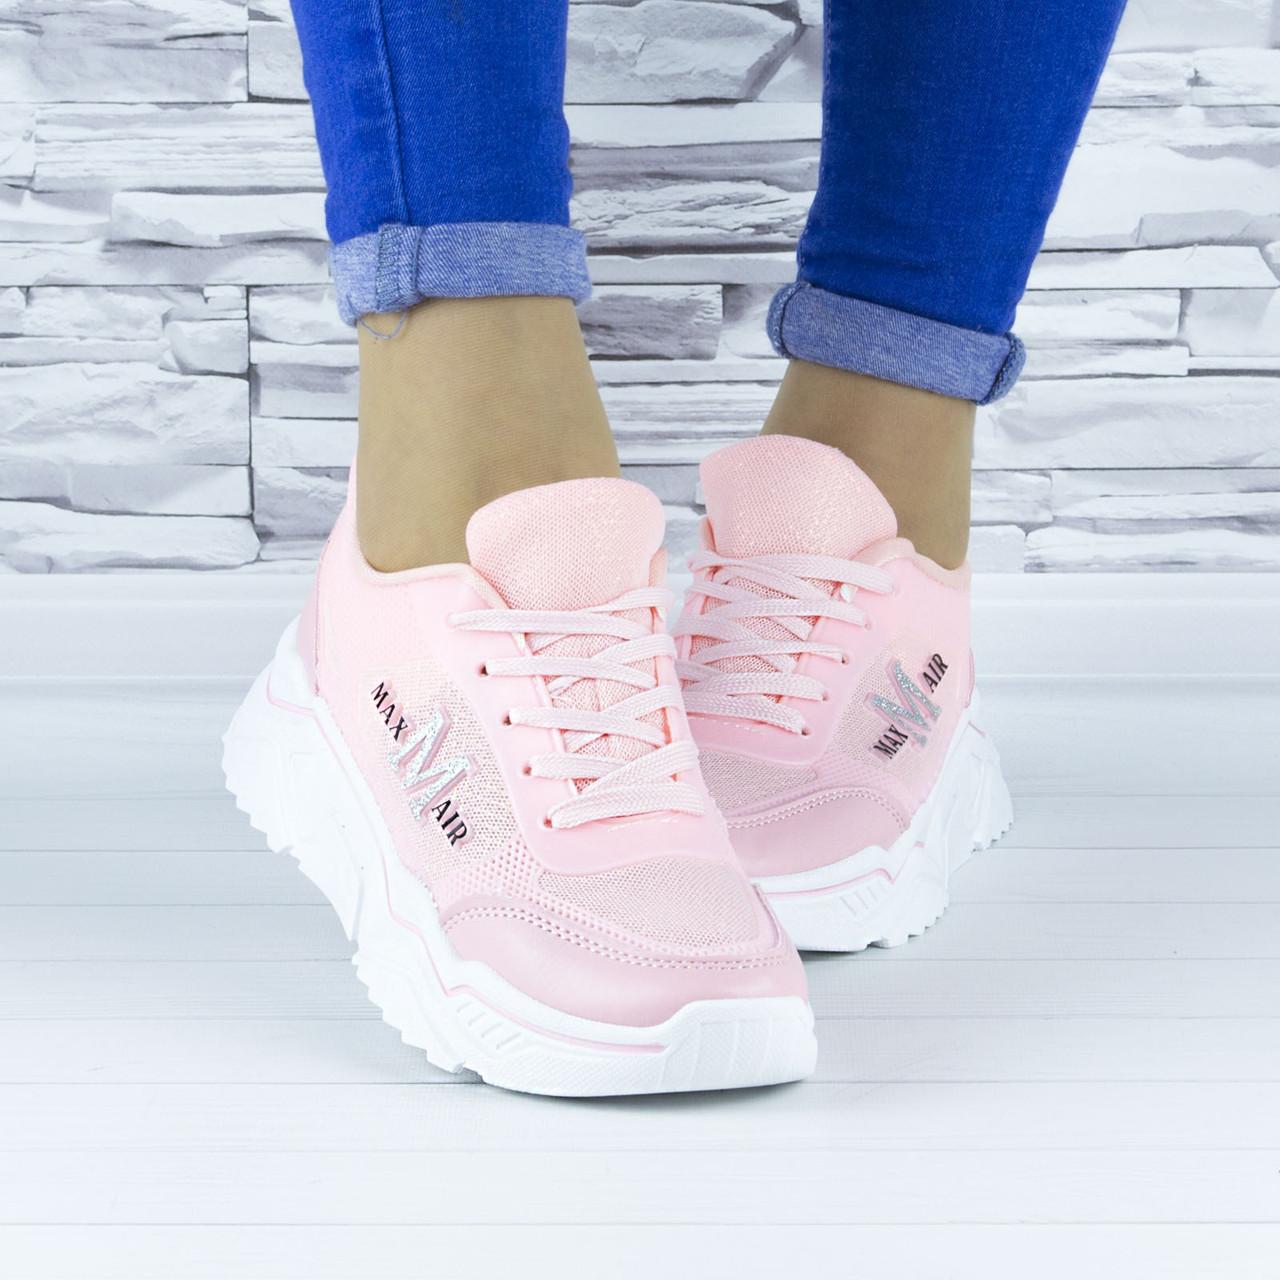 Кросівки жіночі рожеві демісезонні еко шкіра (b-686)